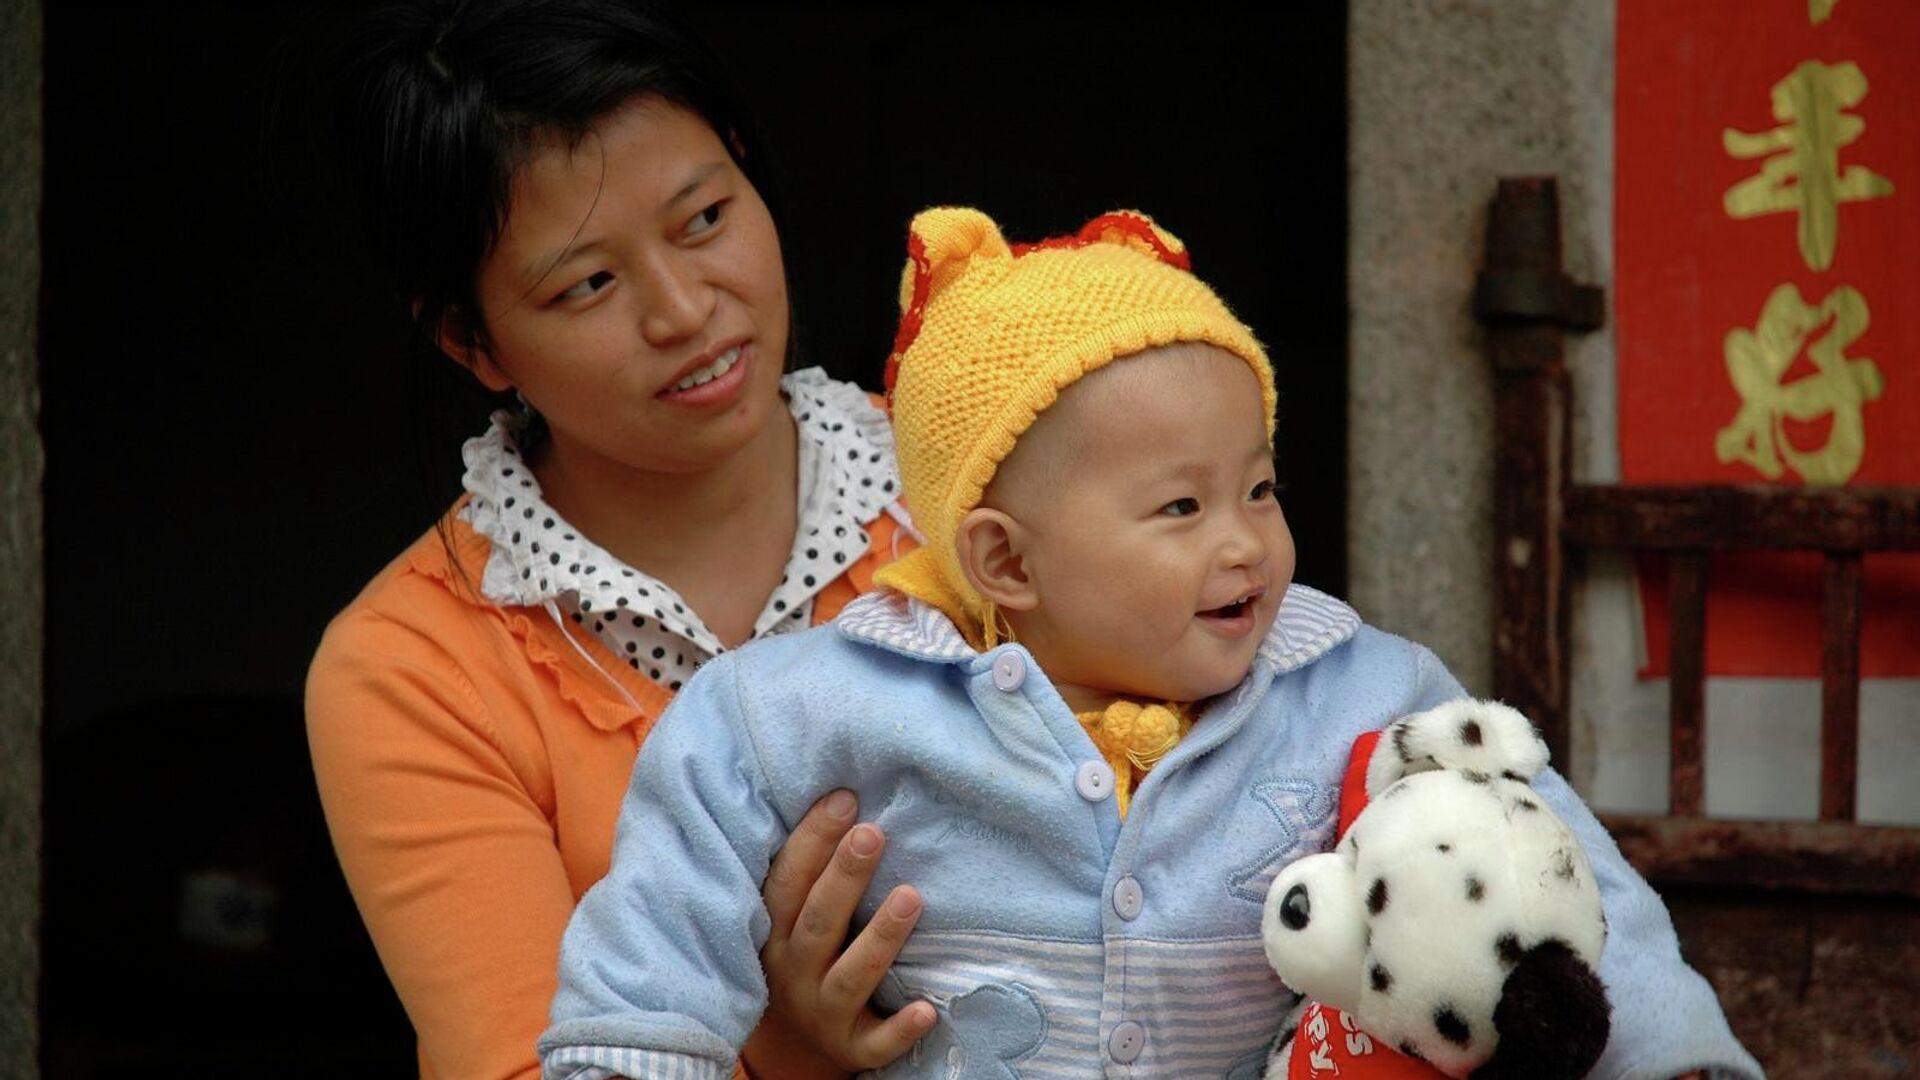 Číňanka s dítětem - Sputnik Česká republika, 1920, 20.07.2021